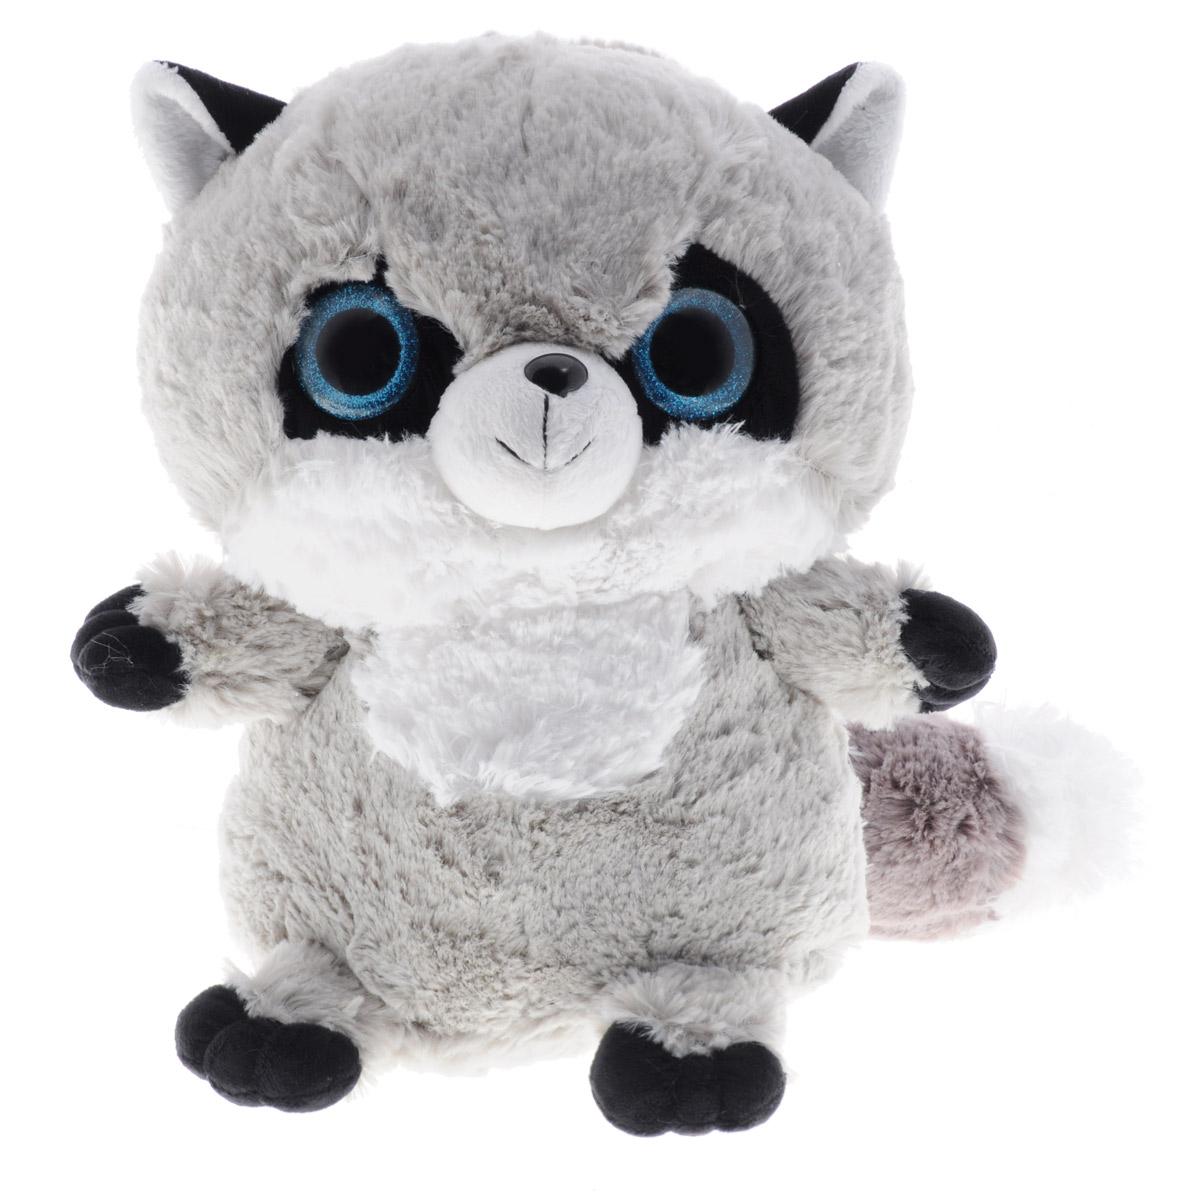 СмолТойс Мягкая игрушка Енотик цвет серый 30 см